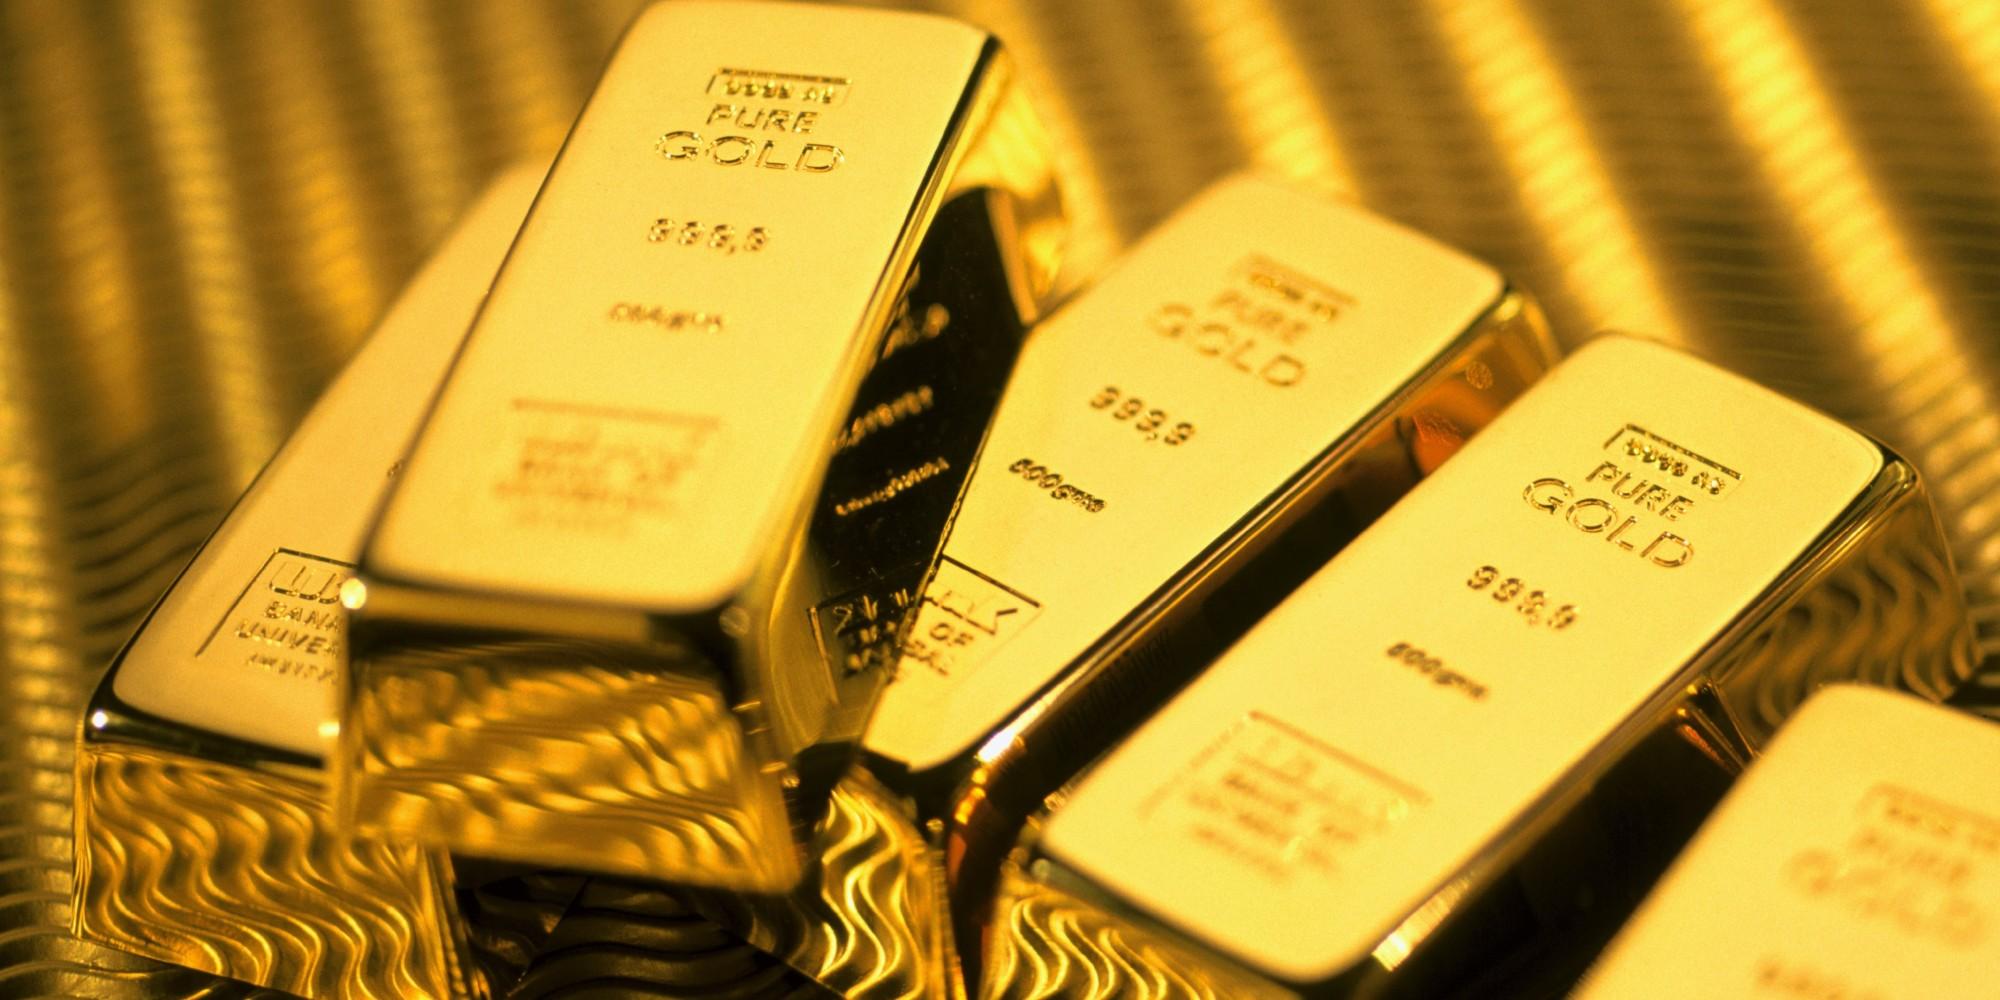 Giá vàng hôm nay 6/1: giá vàng SJC tăng 60.000 đồng/lượng 1